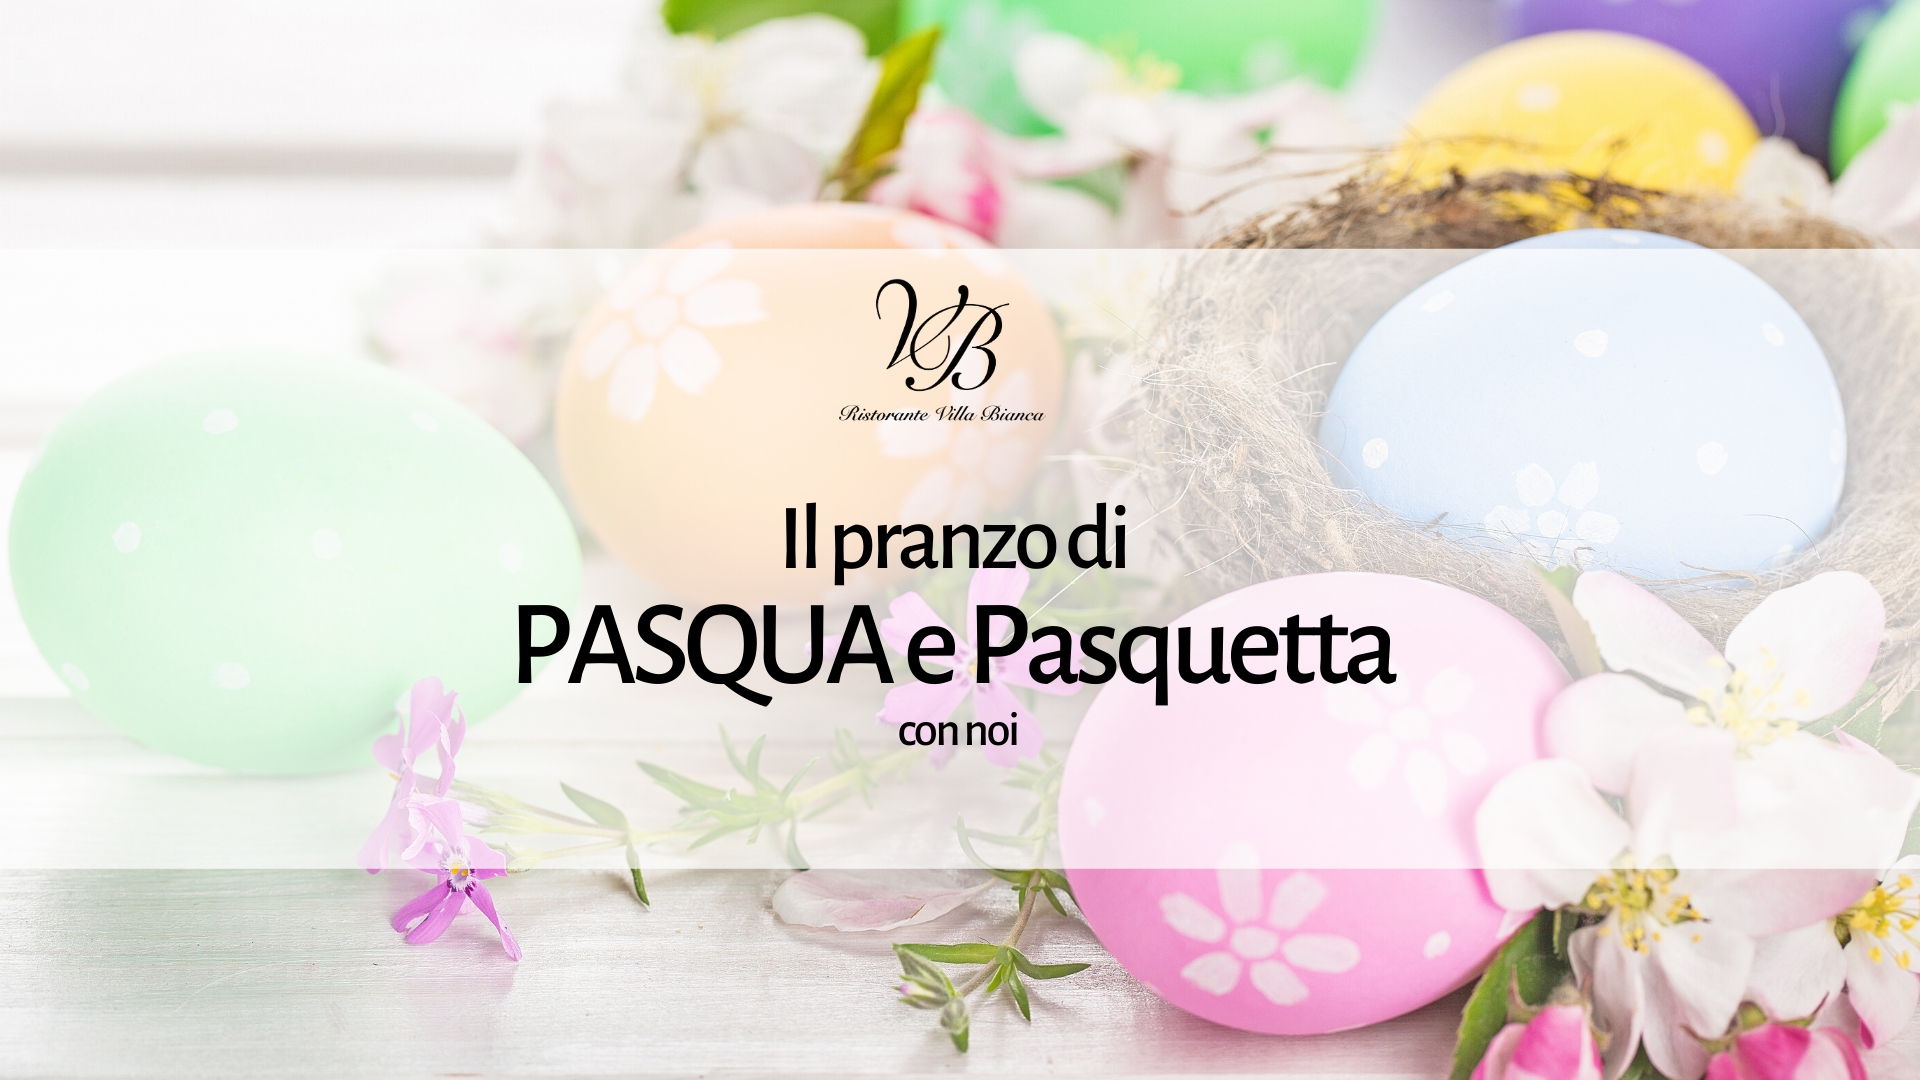 Il pranzo di Pasqua e di Pasquetta con noi